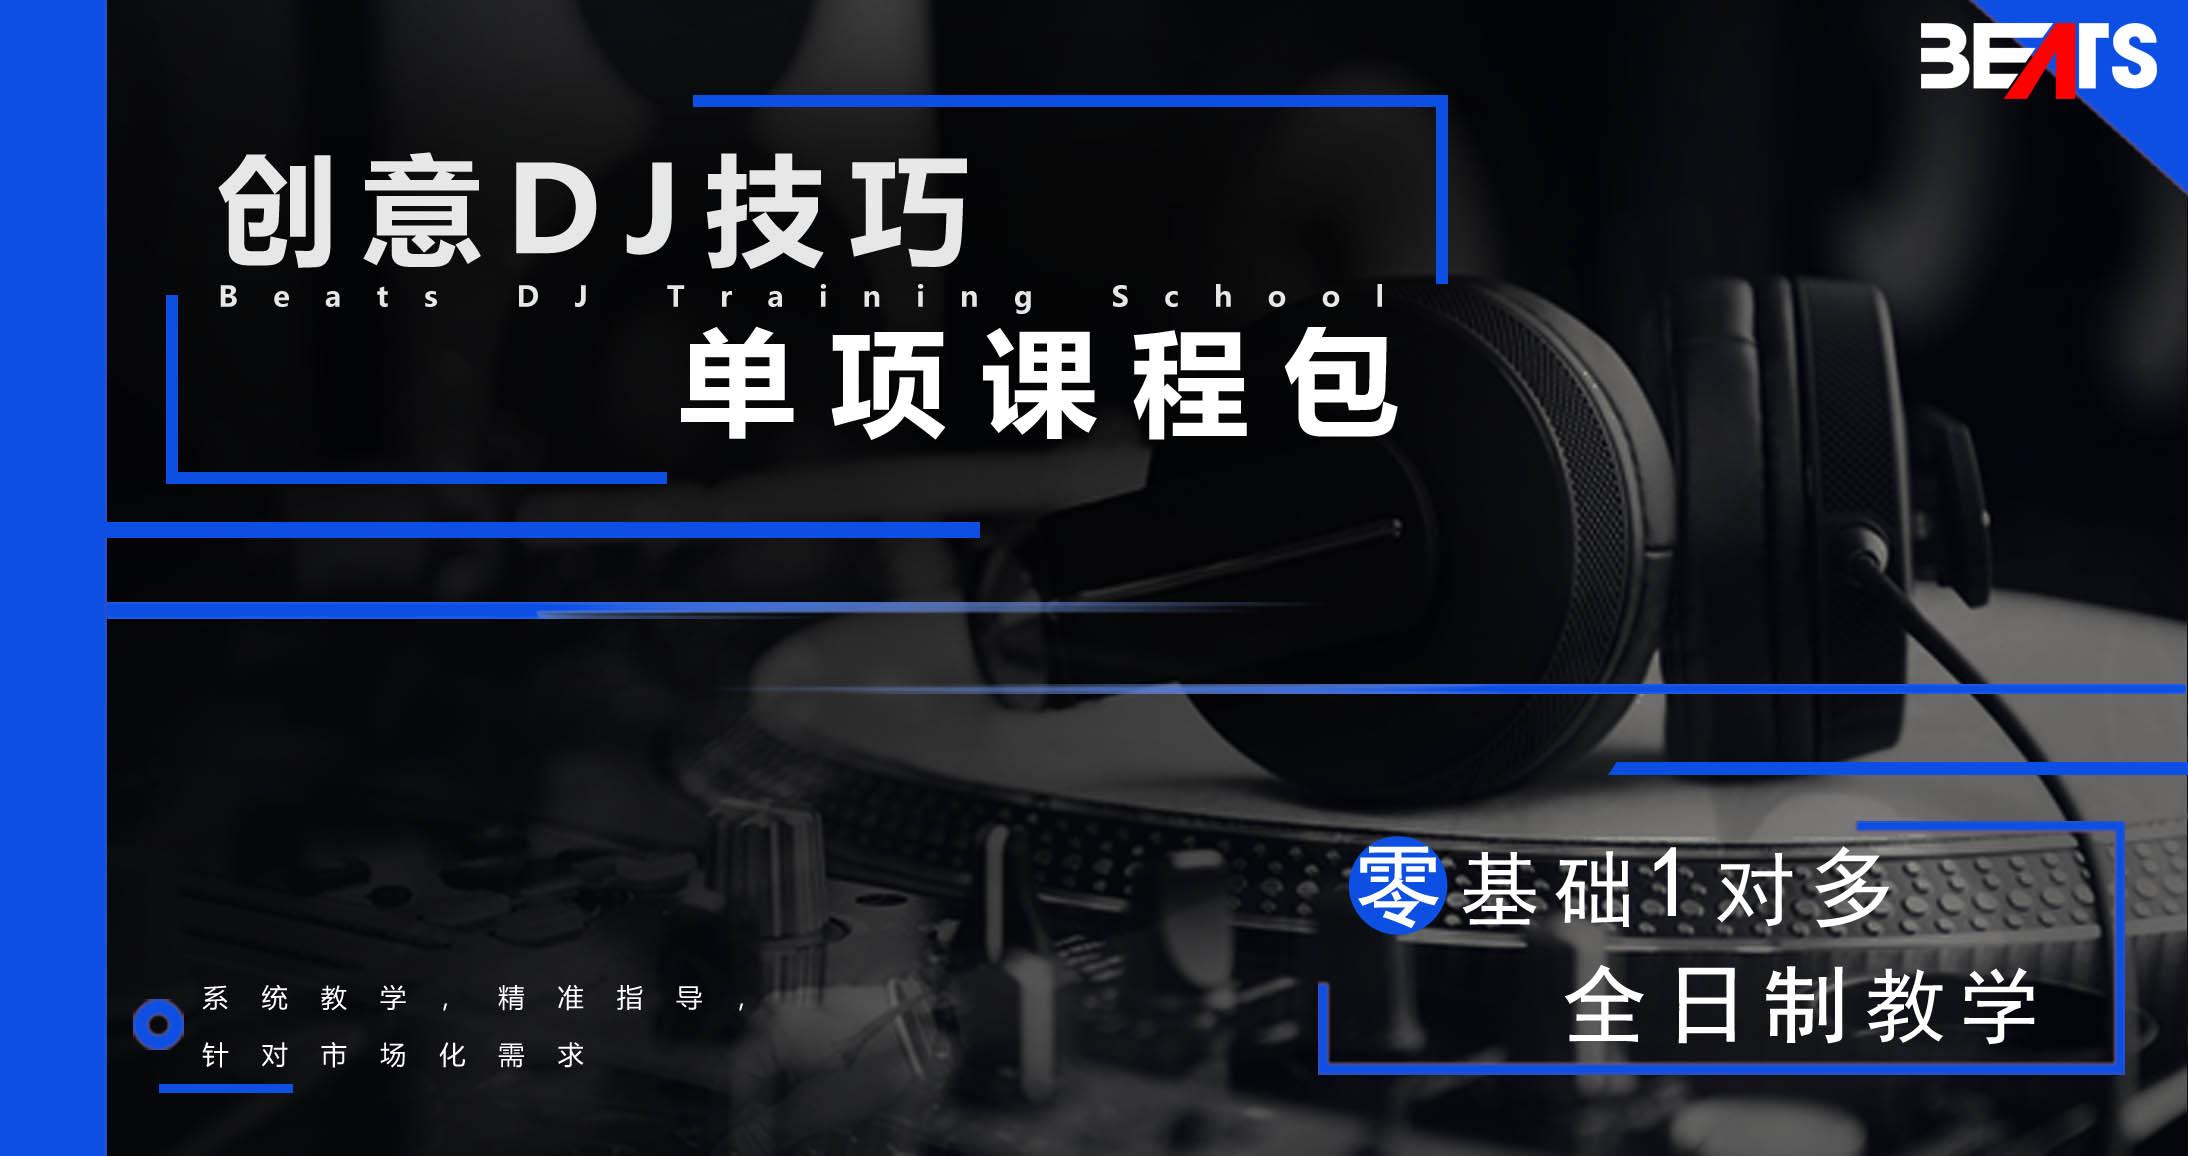 基础DJ技巧课程包